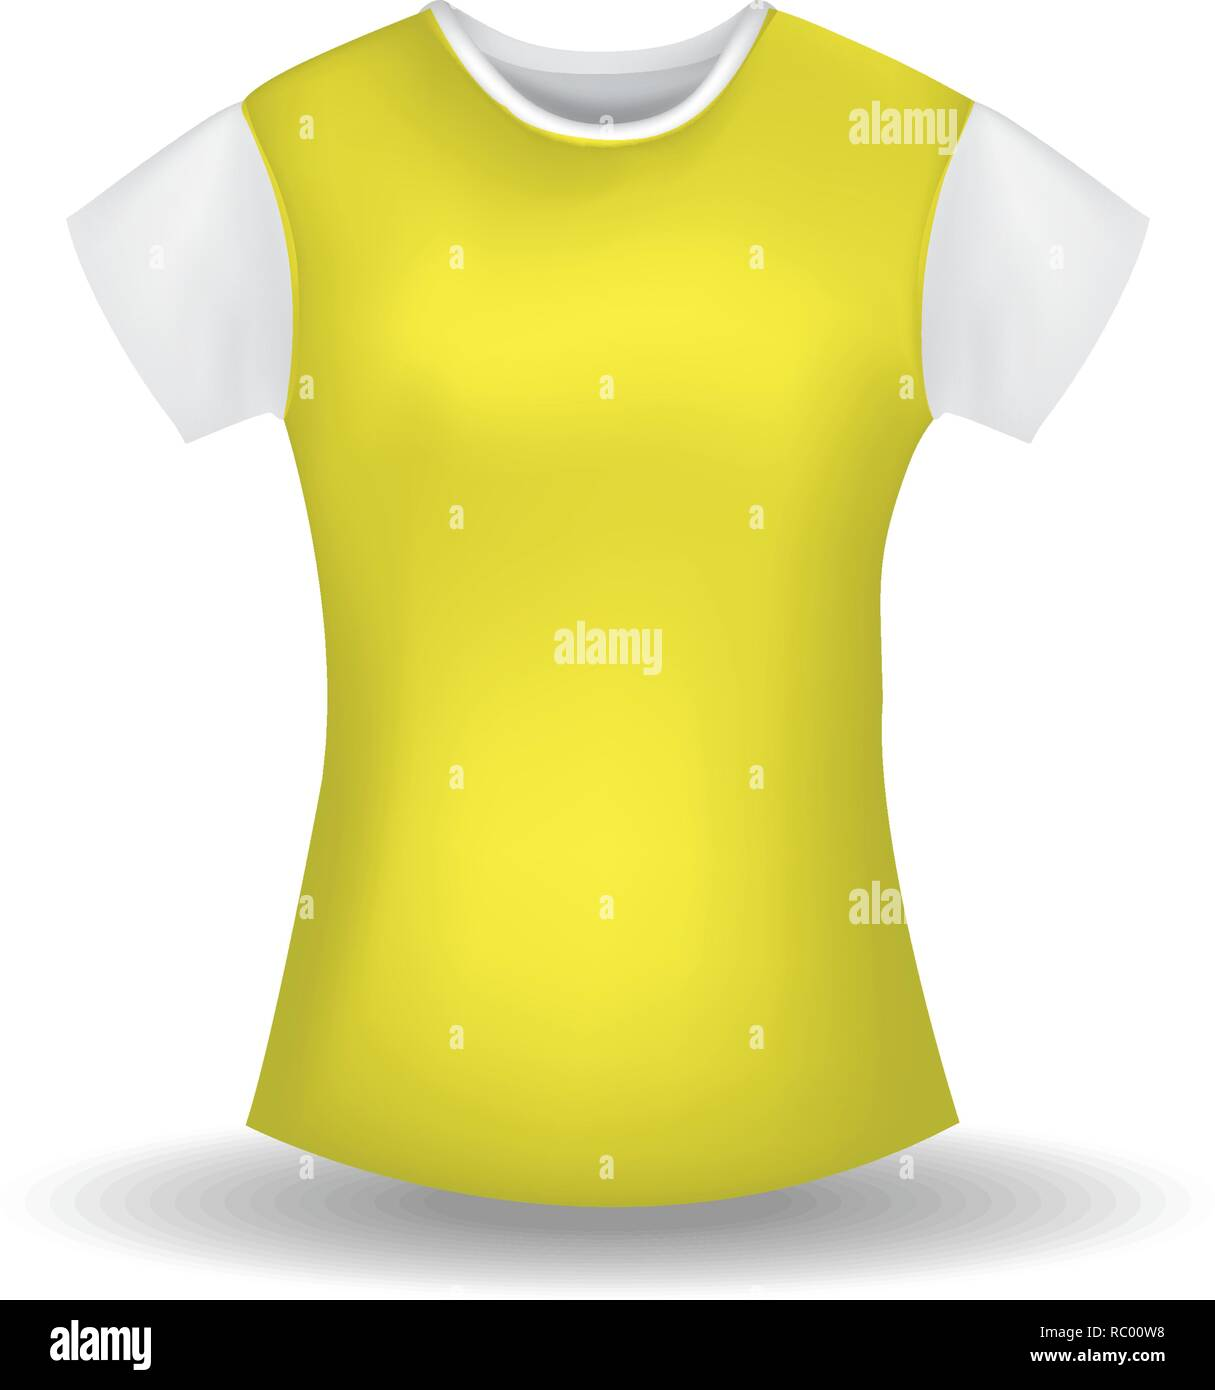 t shirt mockup vector